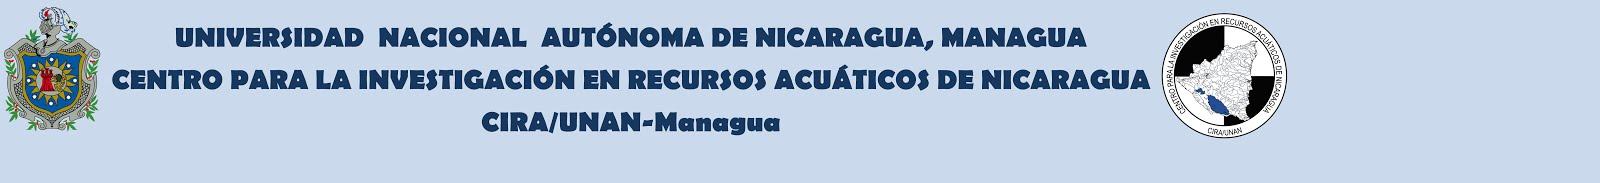 PROGRAMA DE MAESTRIA REGIONAL CENTROAMERICANA EN CIENCIAS DEL AGUA CON ENFASIS EN CALIDAD DEL AGUA